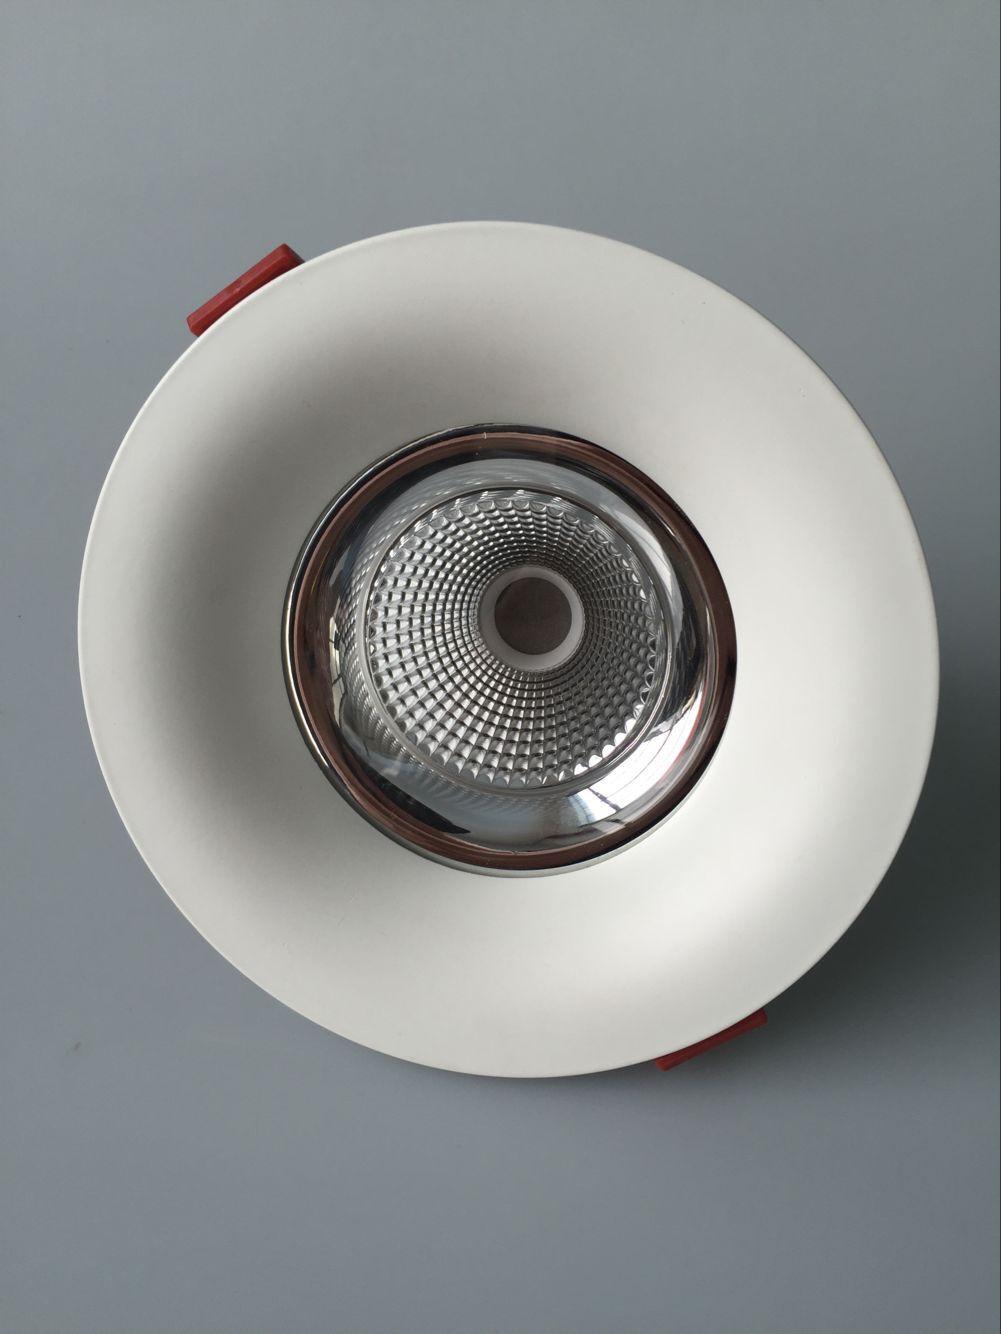 SHIJI vỏ chụp đèn trần Inch chất lượng cao led downlight lõi ngô khách sạn 4S shop LED downlight 50W